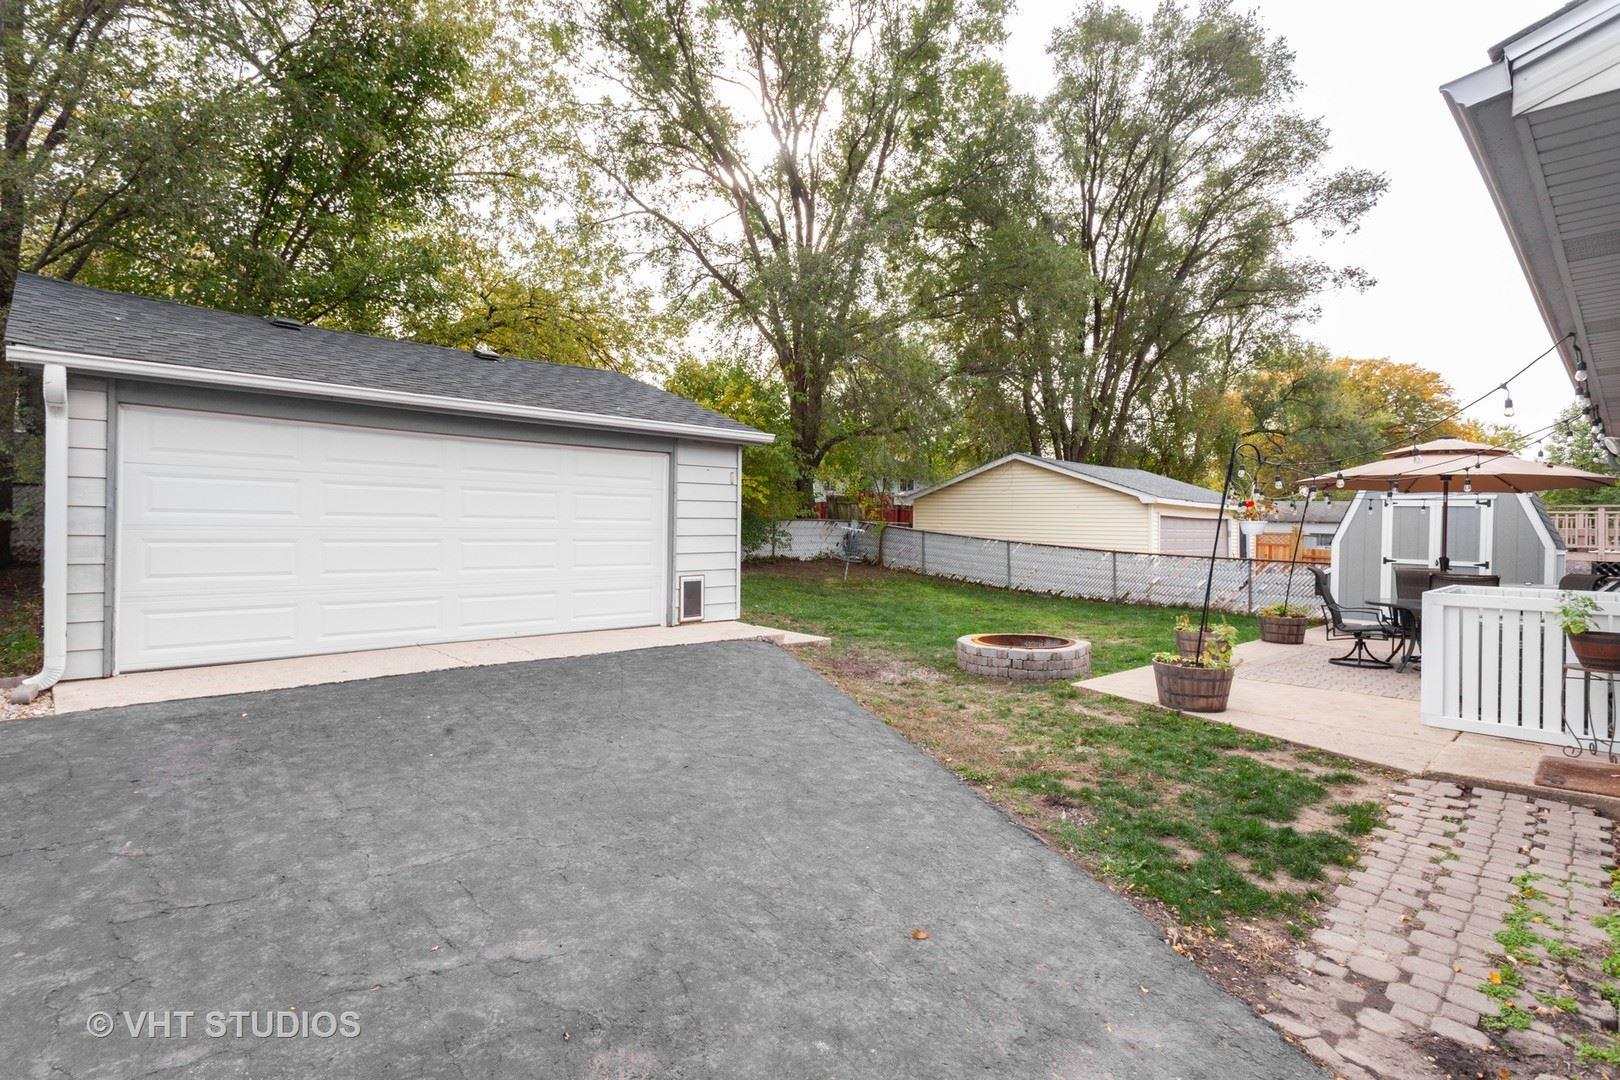 Photo of 156 Galewood Drive, Bolingbrook, IL 60440 (MLS # 10906810)